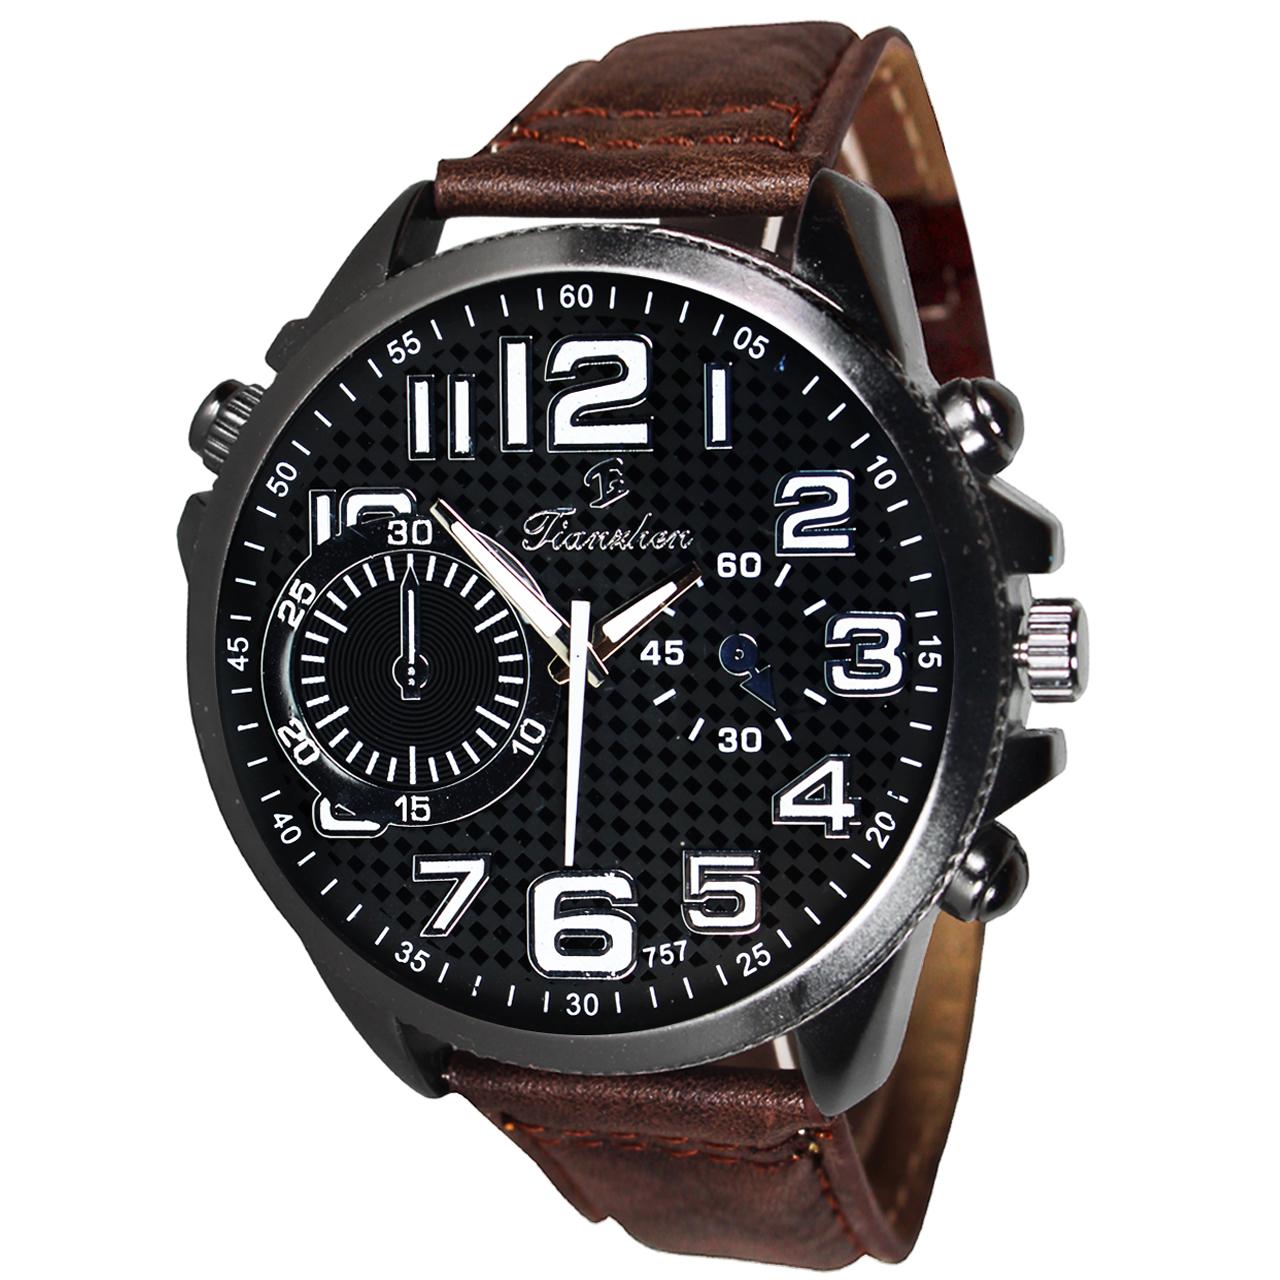 ساعت مچی عقربه ای مردانه فیانچن مدل M04